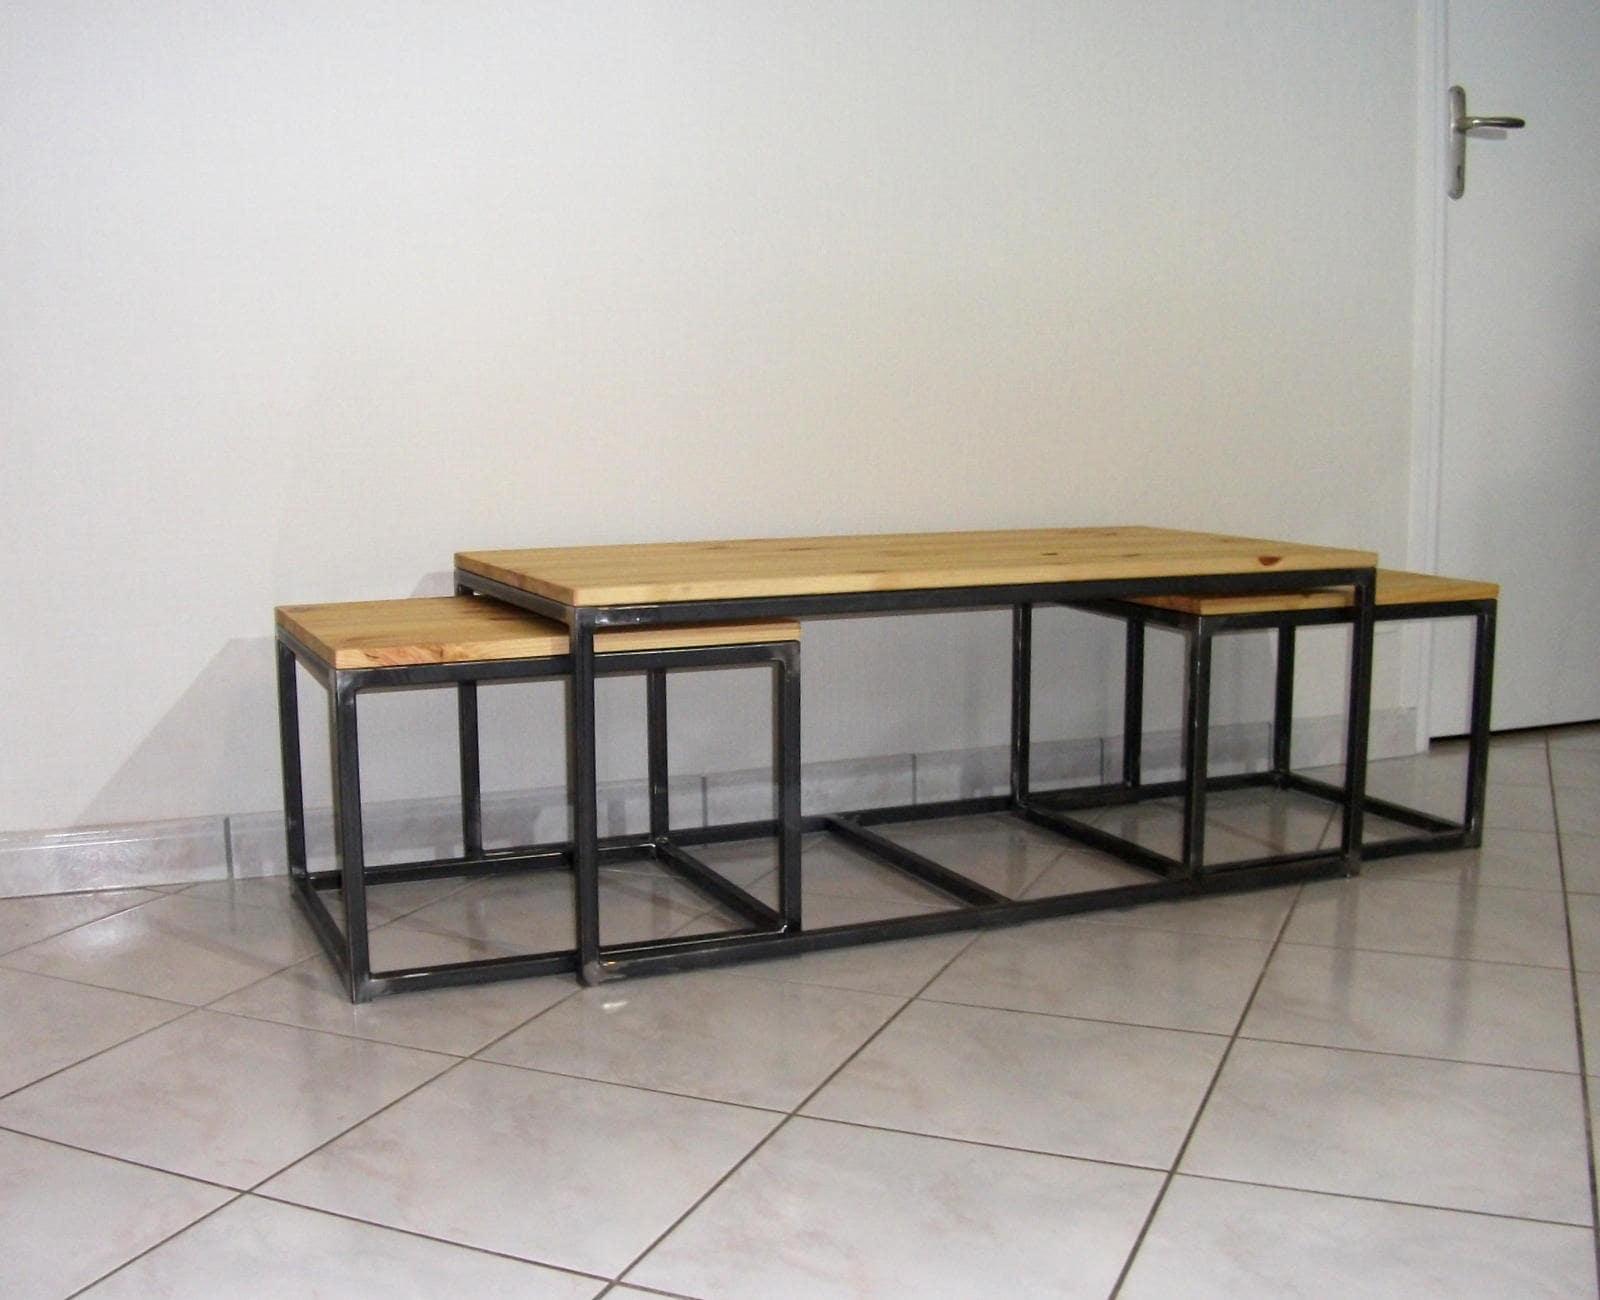 Table basse gigogne acier et bois style loft industriel for Table basse acier et bois